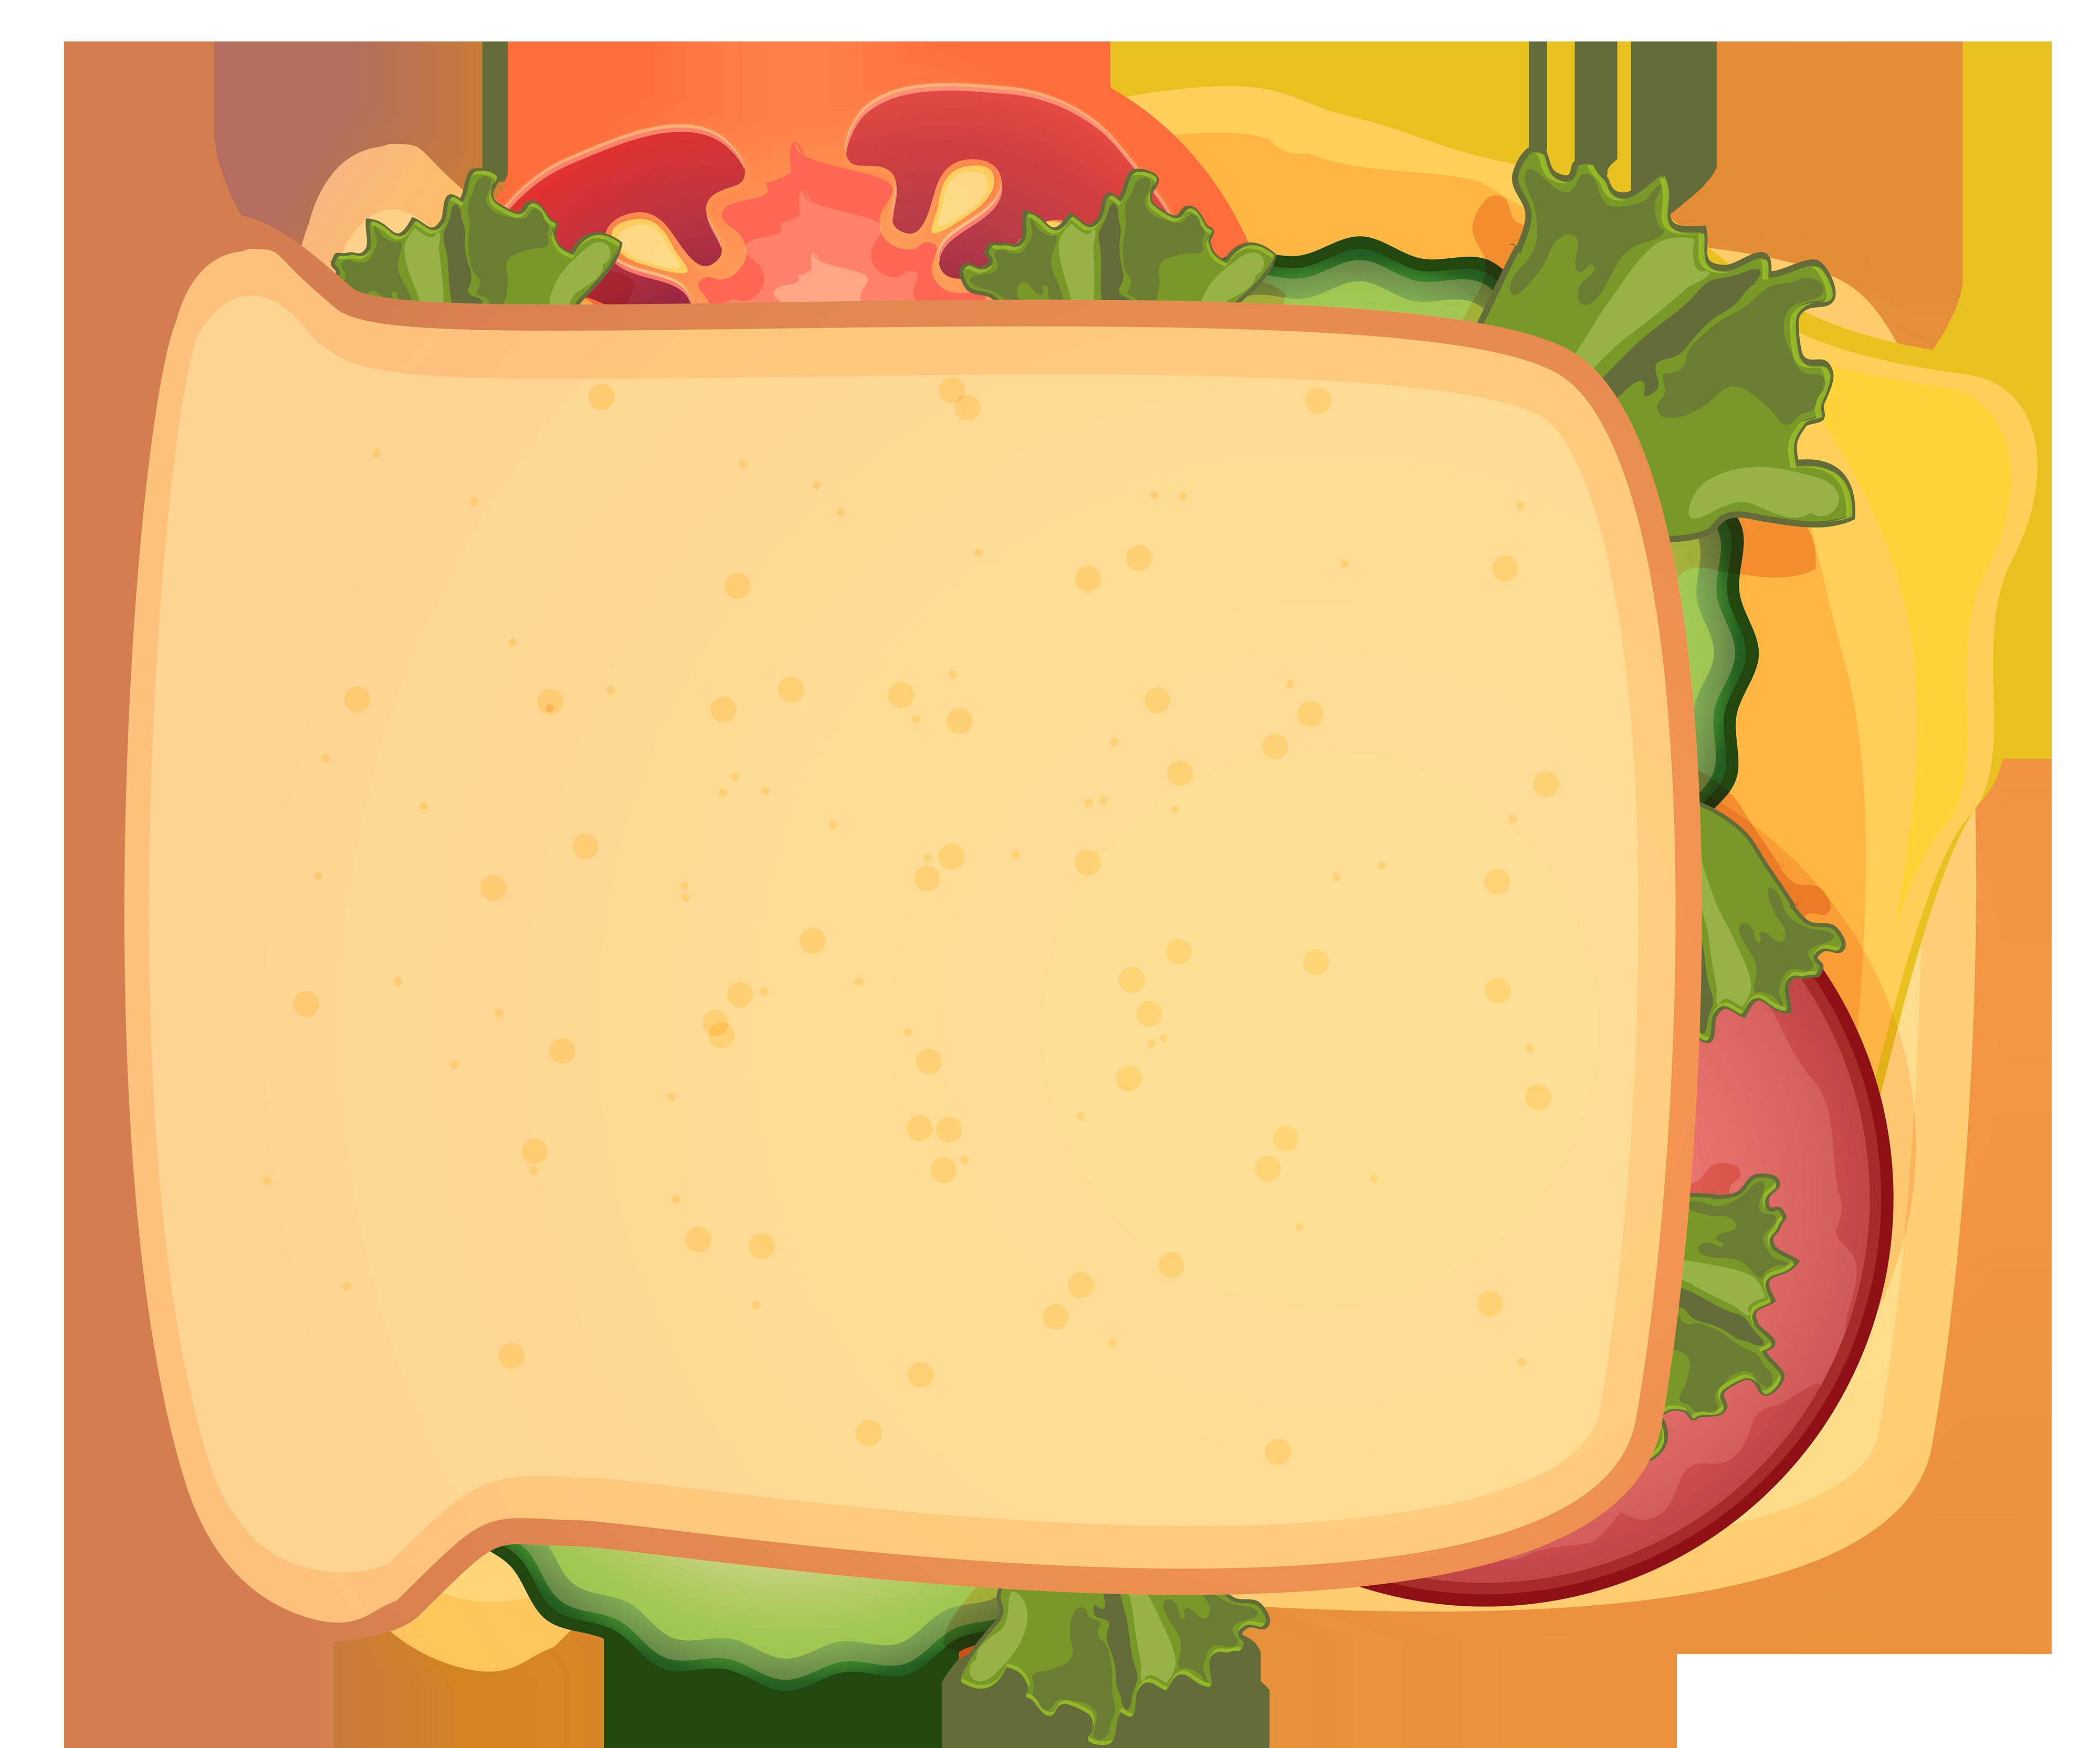 Clipart food sandwich. Png best web